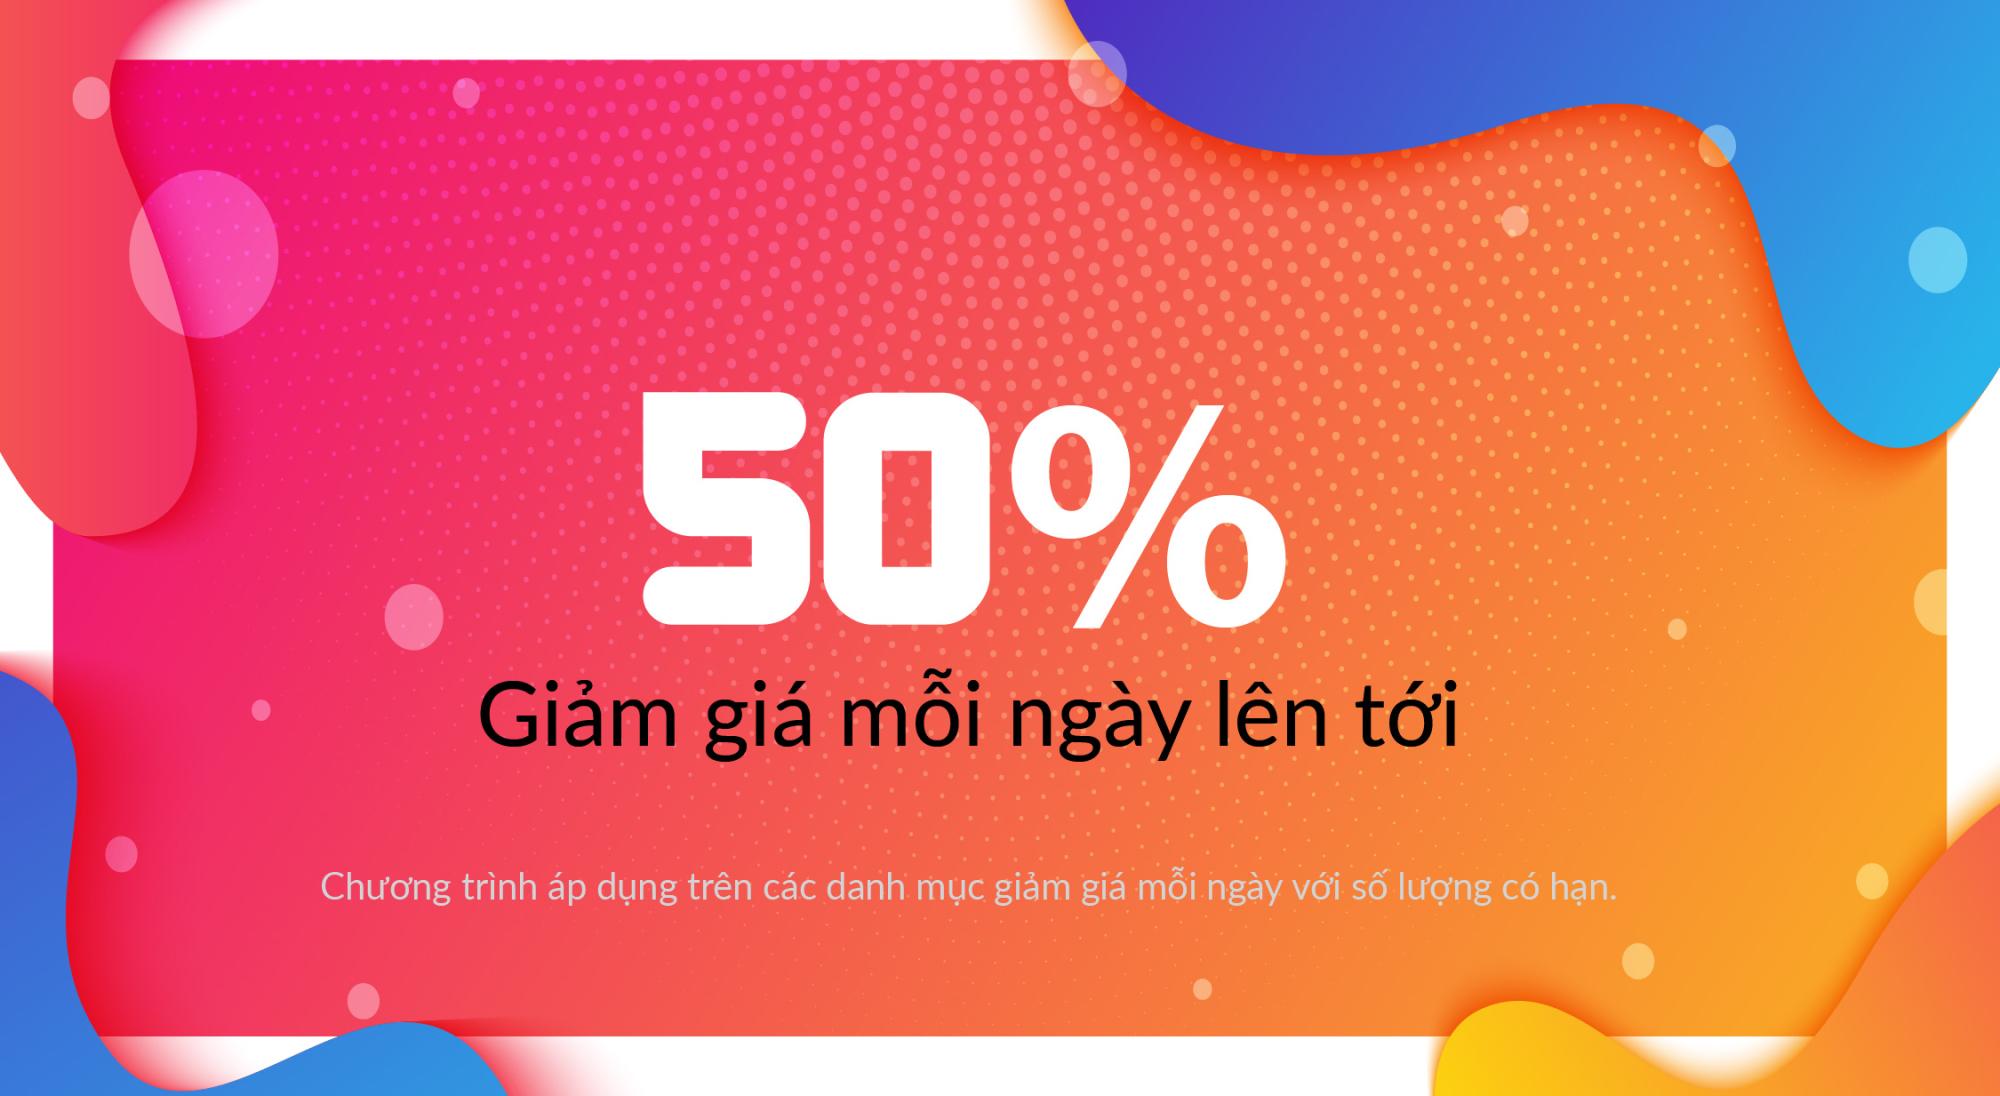 Giảm giá lên tới 50% mỗi ngày - xinhtuoi.online